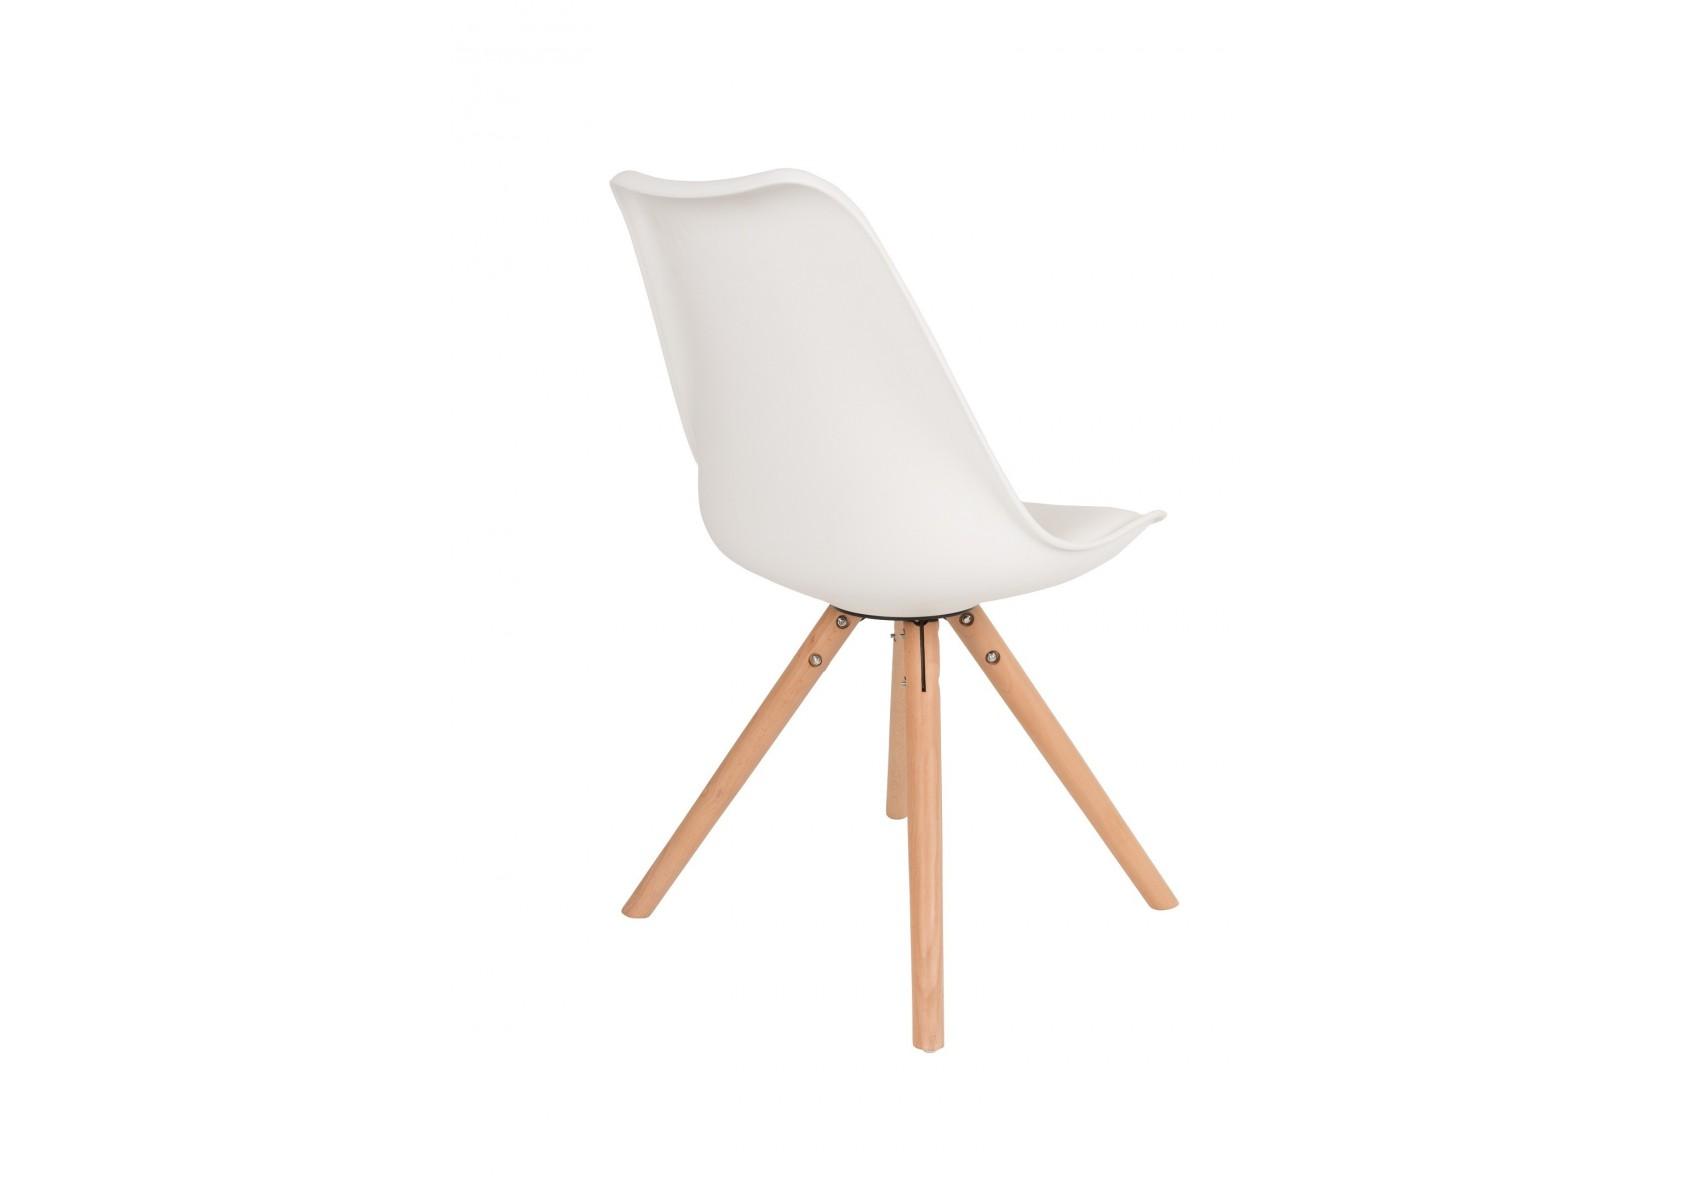 Chaise tryck scandinave pied bois en lot de deux - Chaises design scandinave ...